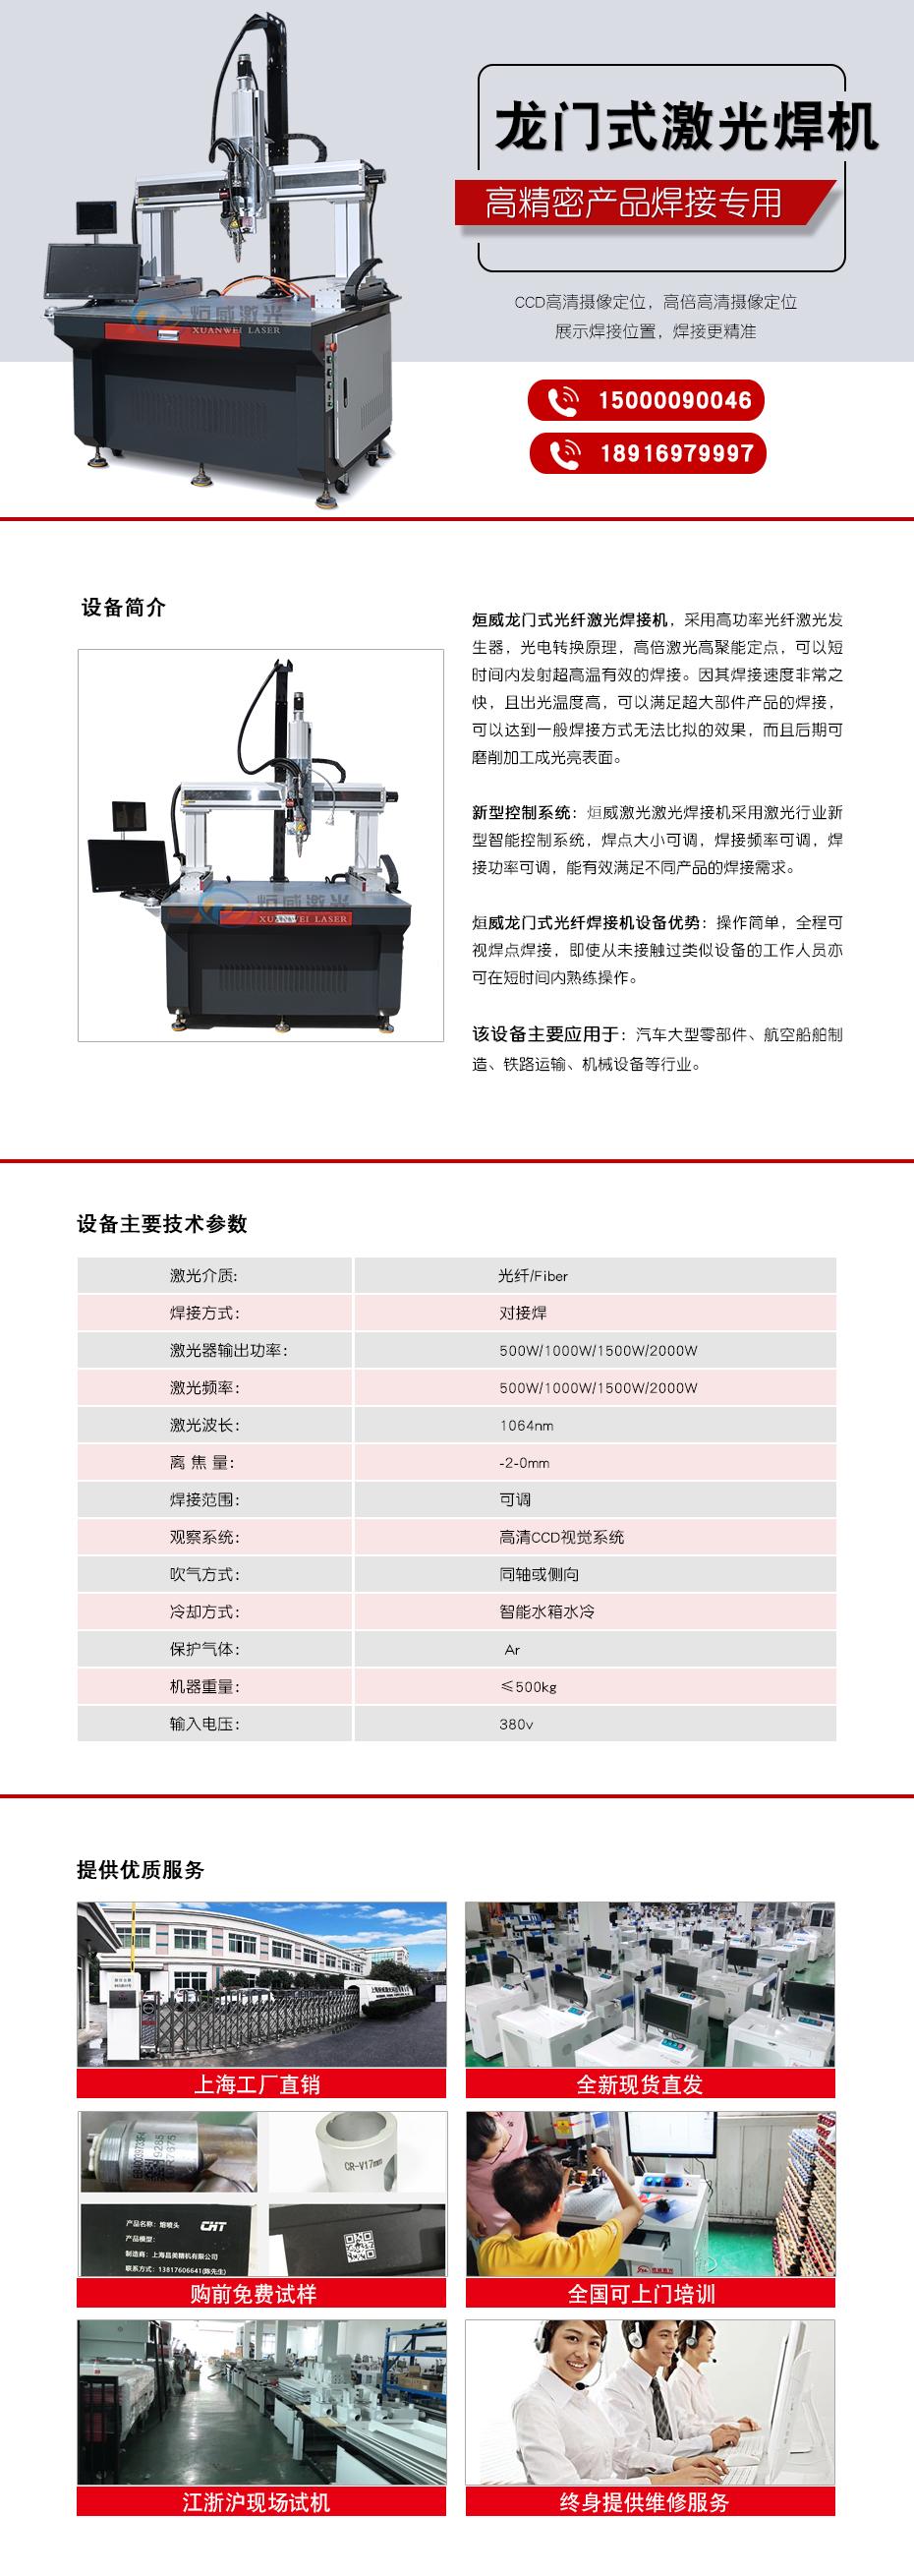 官网龙门式光纤激光焊接机详情